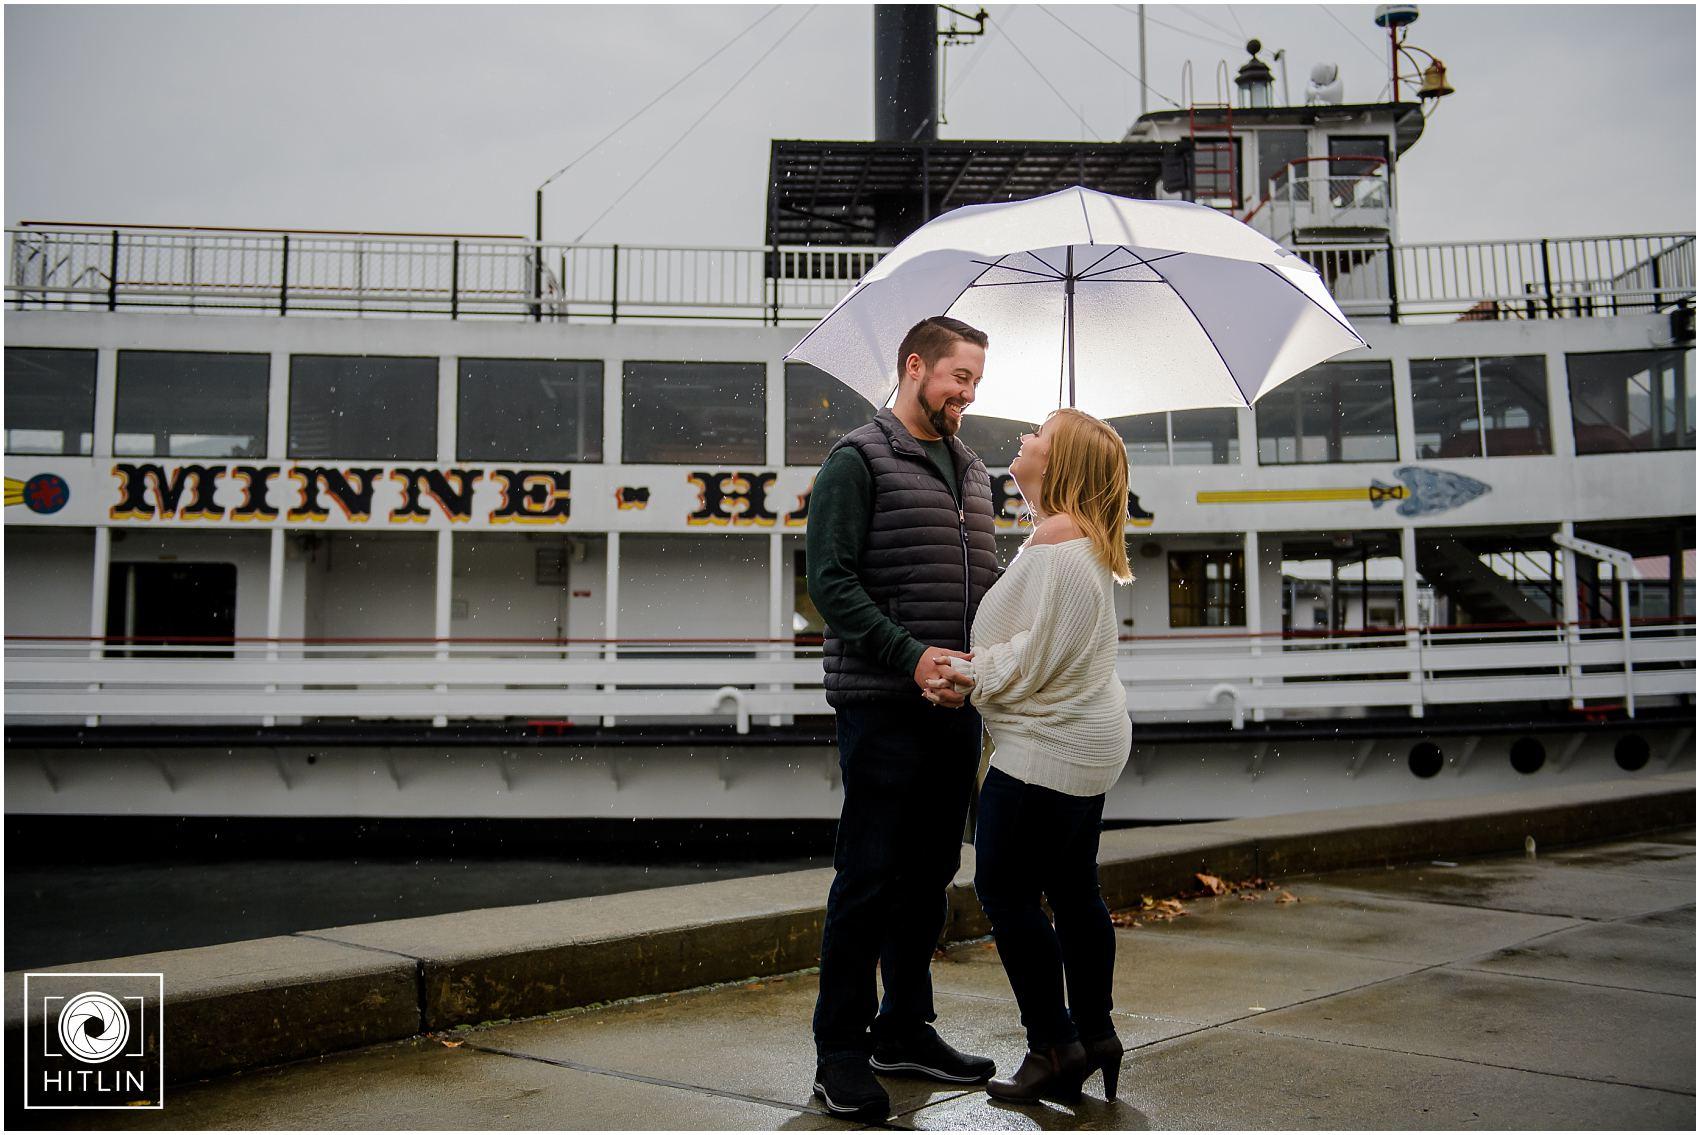 Michelle & Chris' Engagement Session